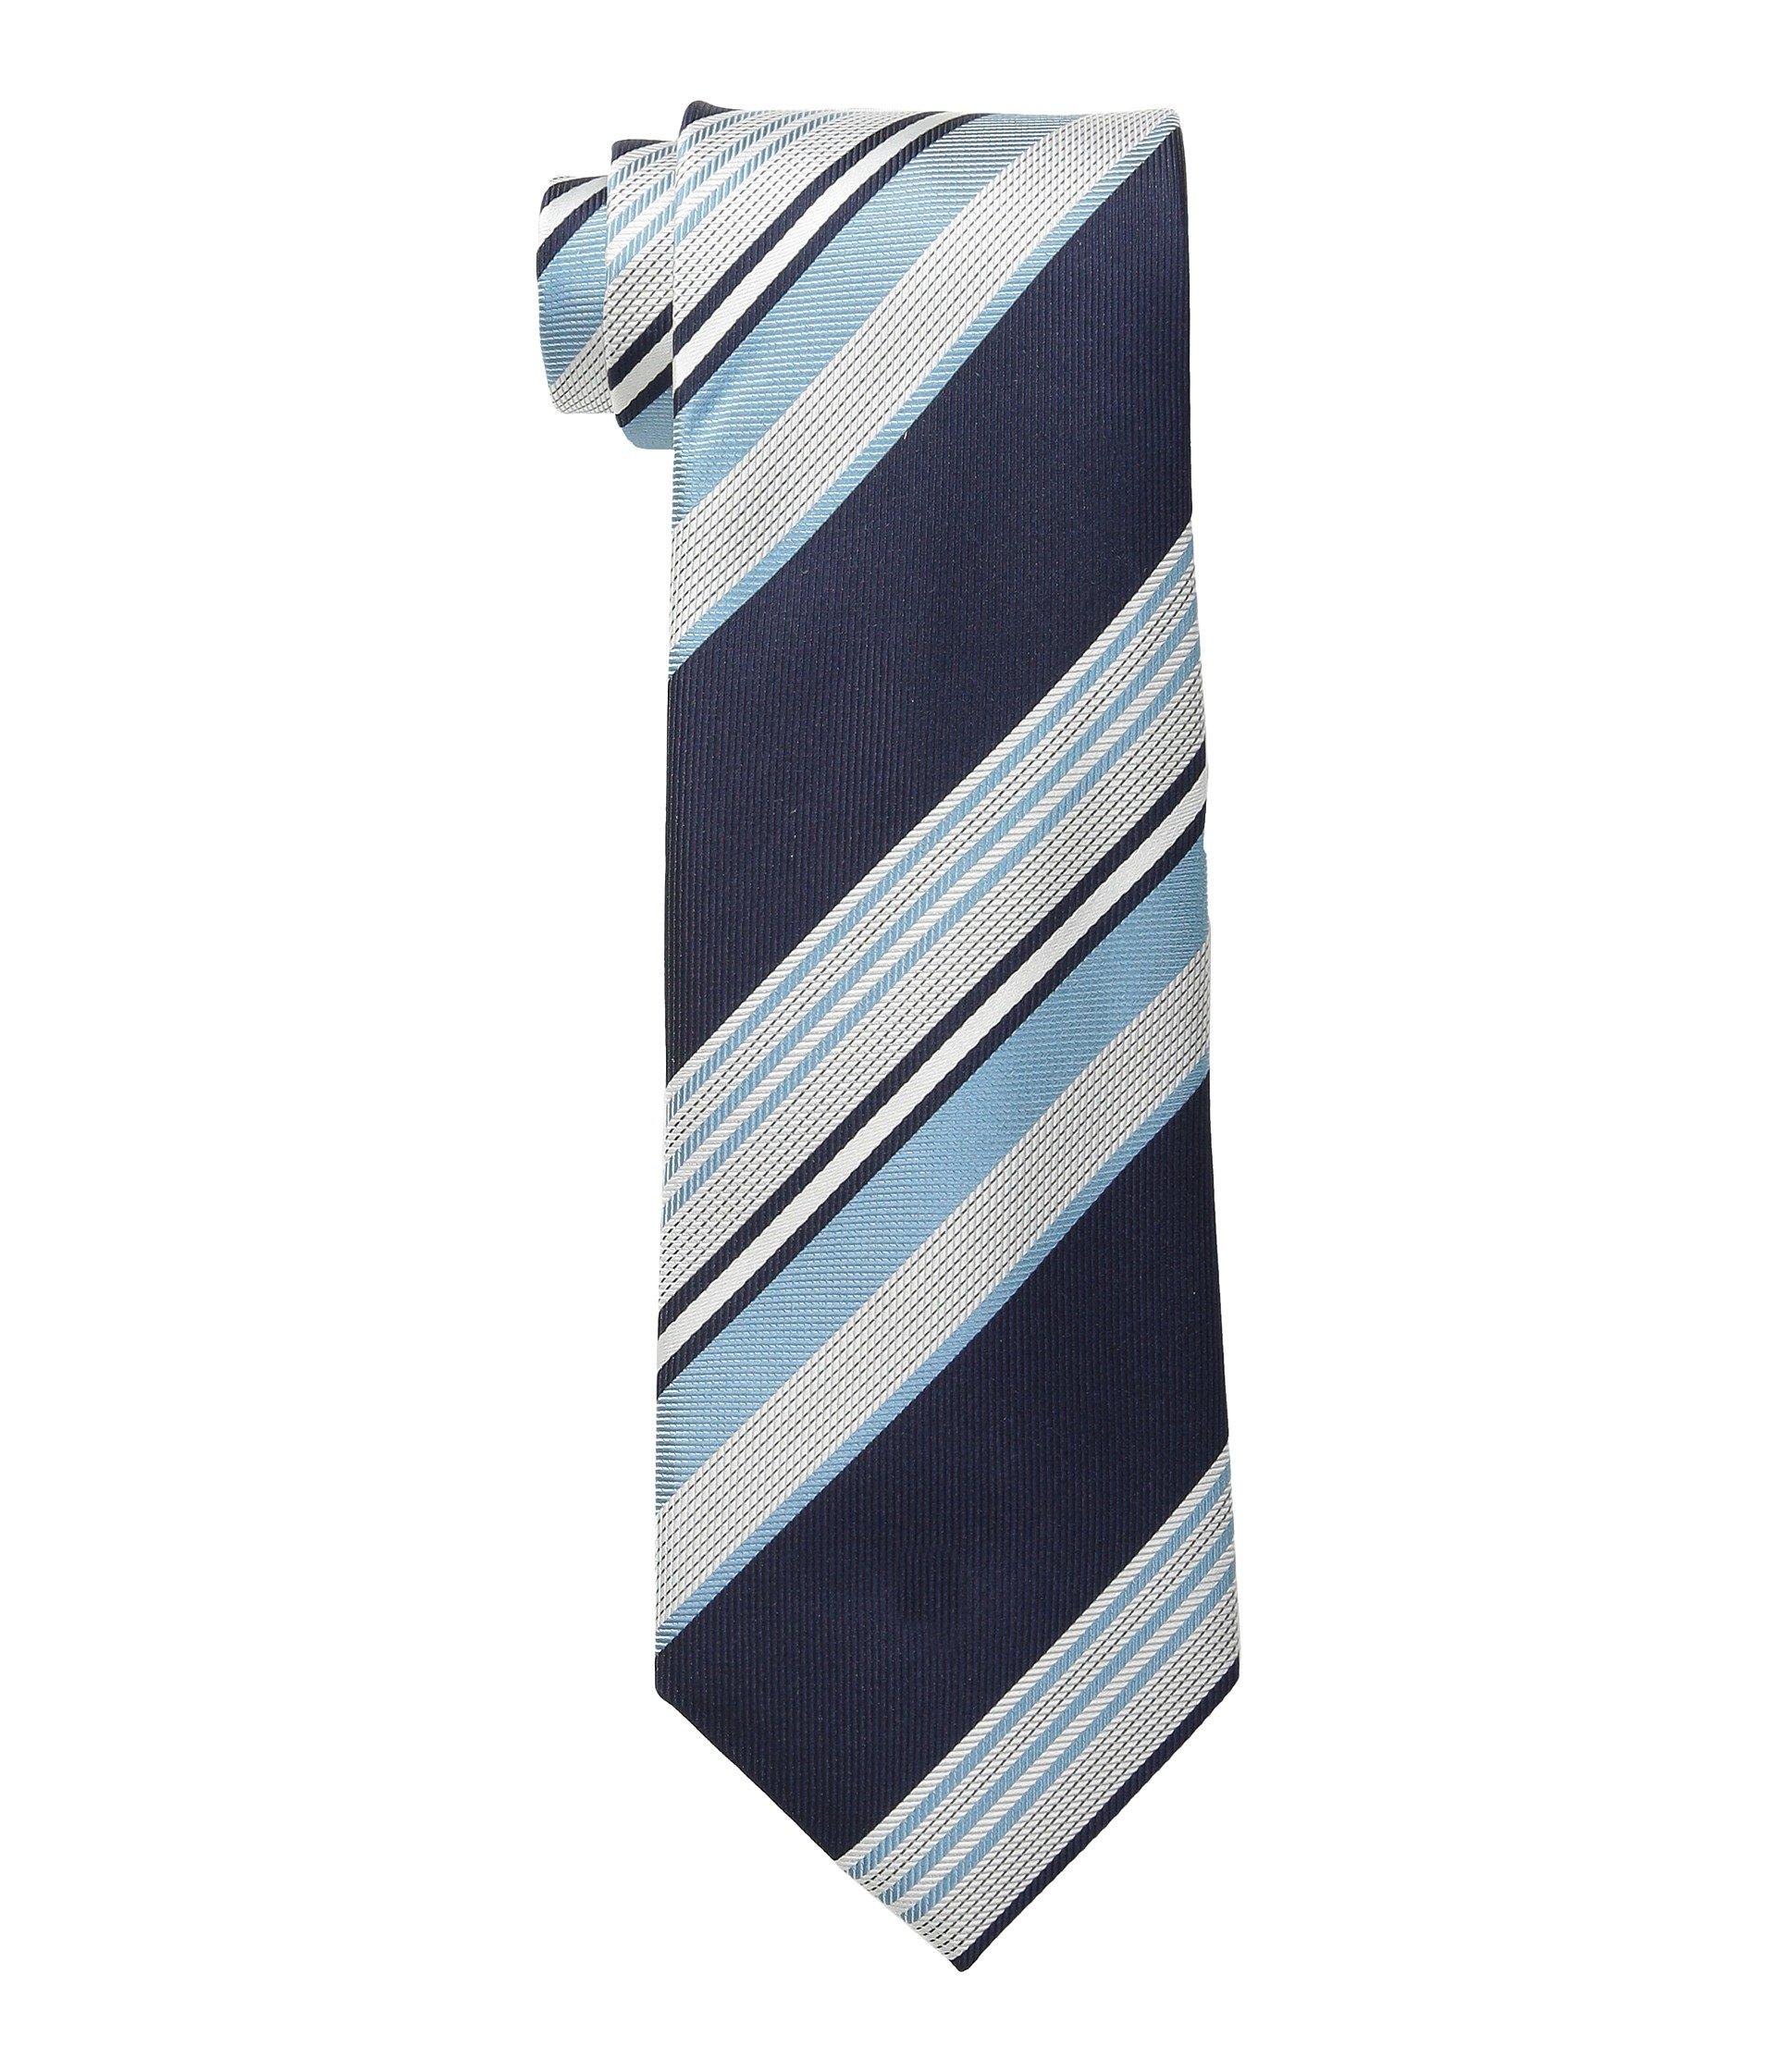 Corbata para Hombre Kenneth Cole Reaction Rail Stripe  + Kenneth Cole Reaction en VeoyCompro.net